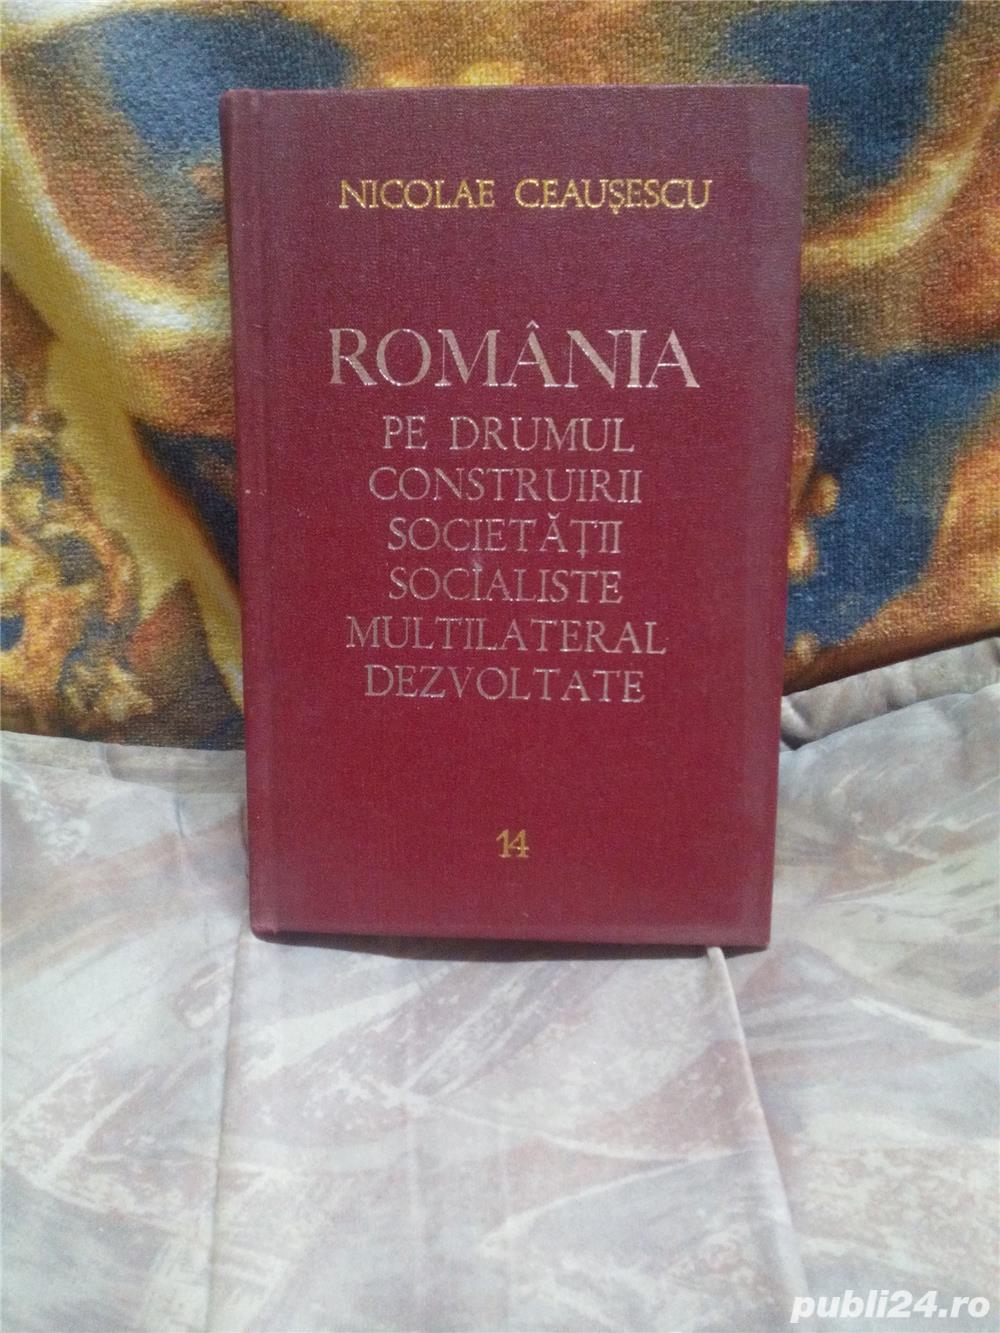 Romania pe drumul construirii societatii  socialiste Vol 14